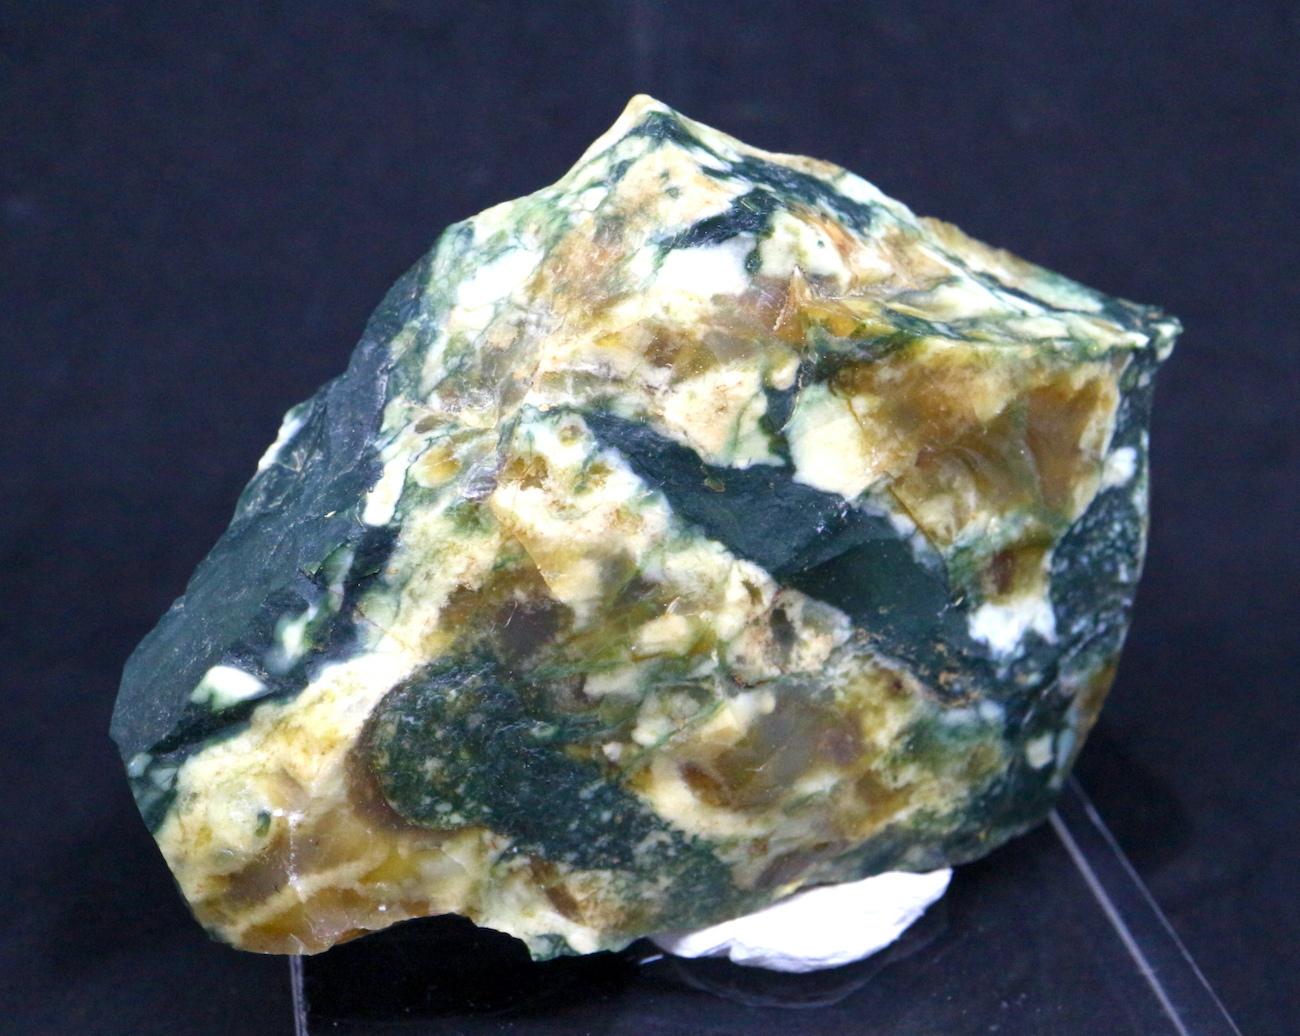 ジェム・ヒル アゲート カリフォルニア州産 瑪瑙 原石 72,9g GHA002 天然石 鉱物 パワーストーン